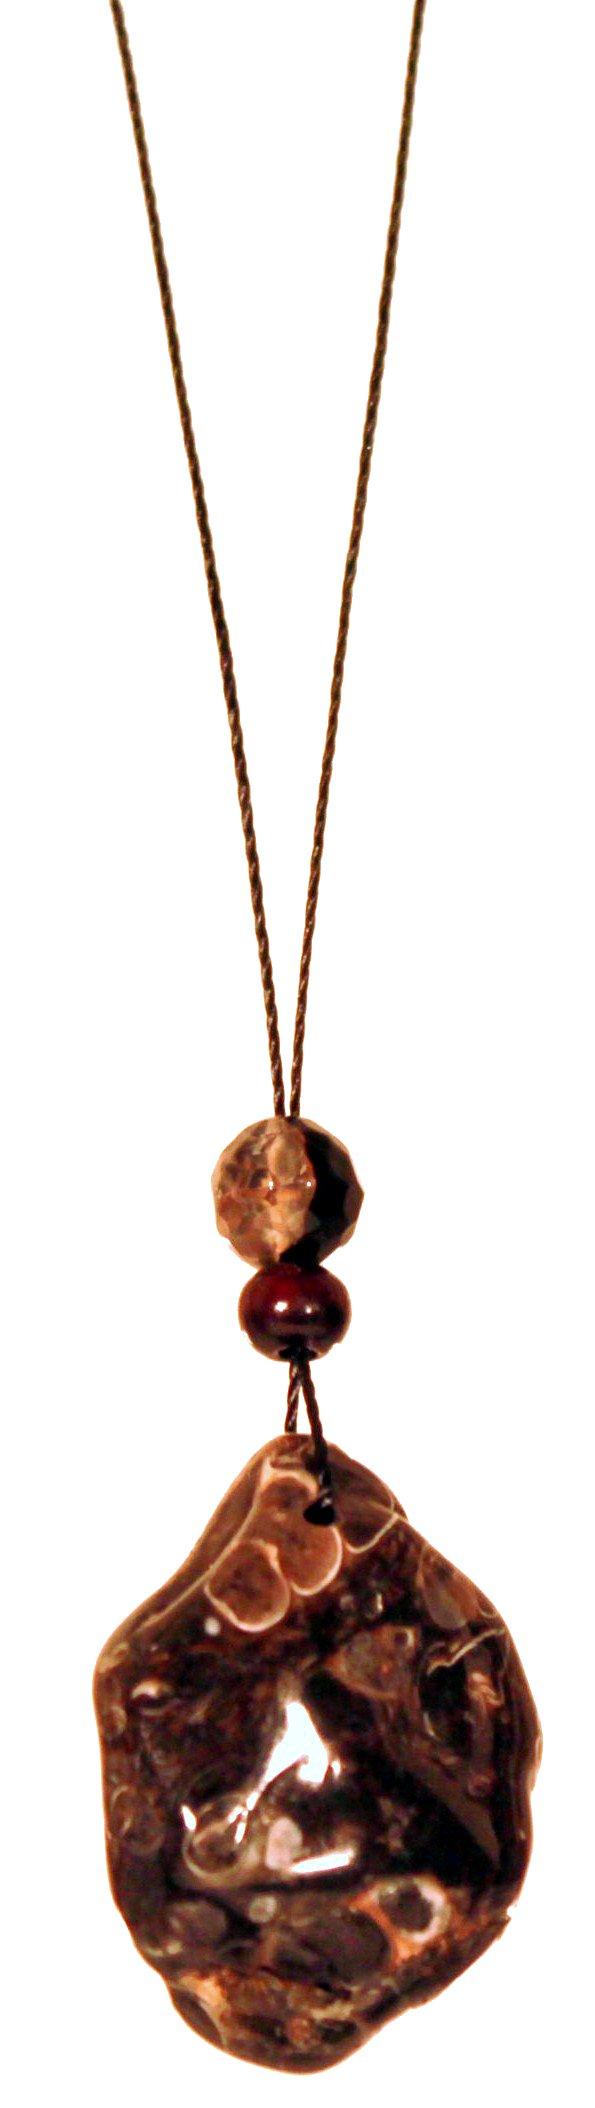 Pendulum / Cradle of Life / Chakra Balancing Amulet